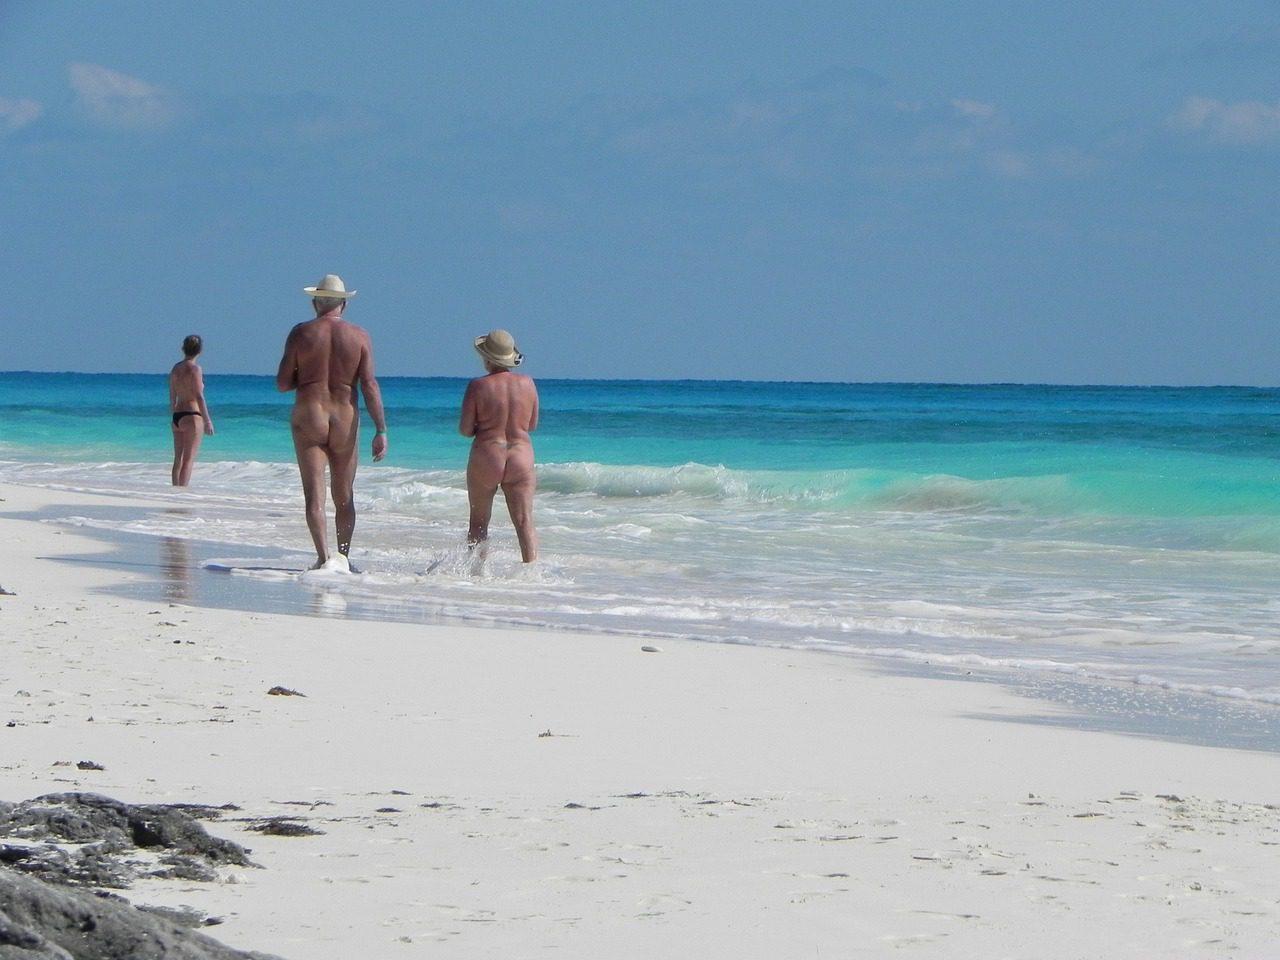 10 meilleures plages de nudistes gays d'Europe